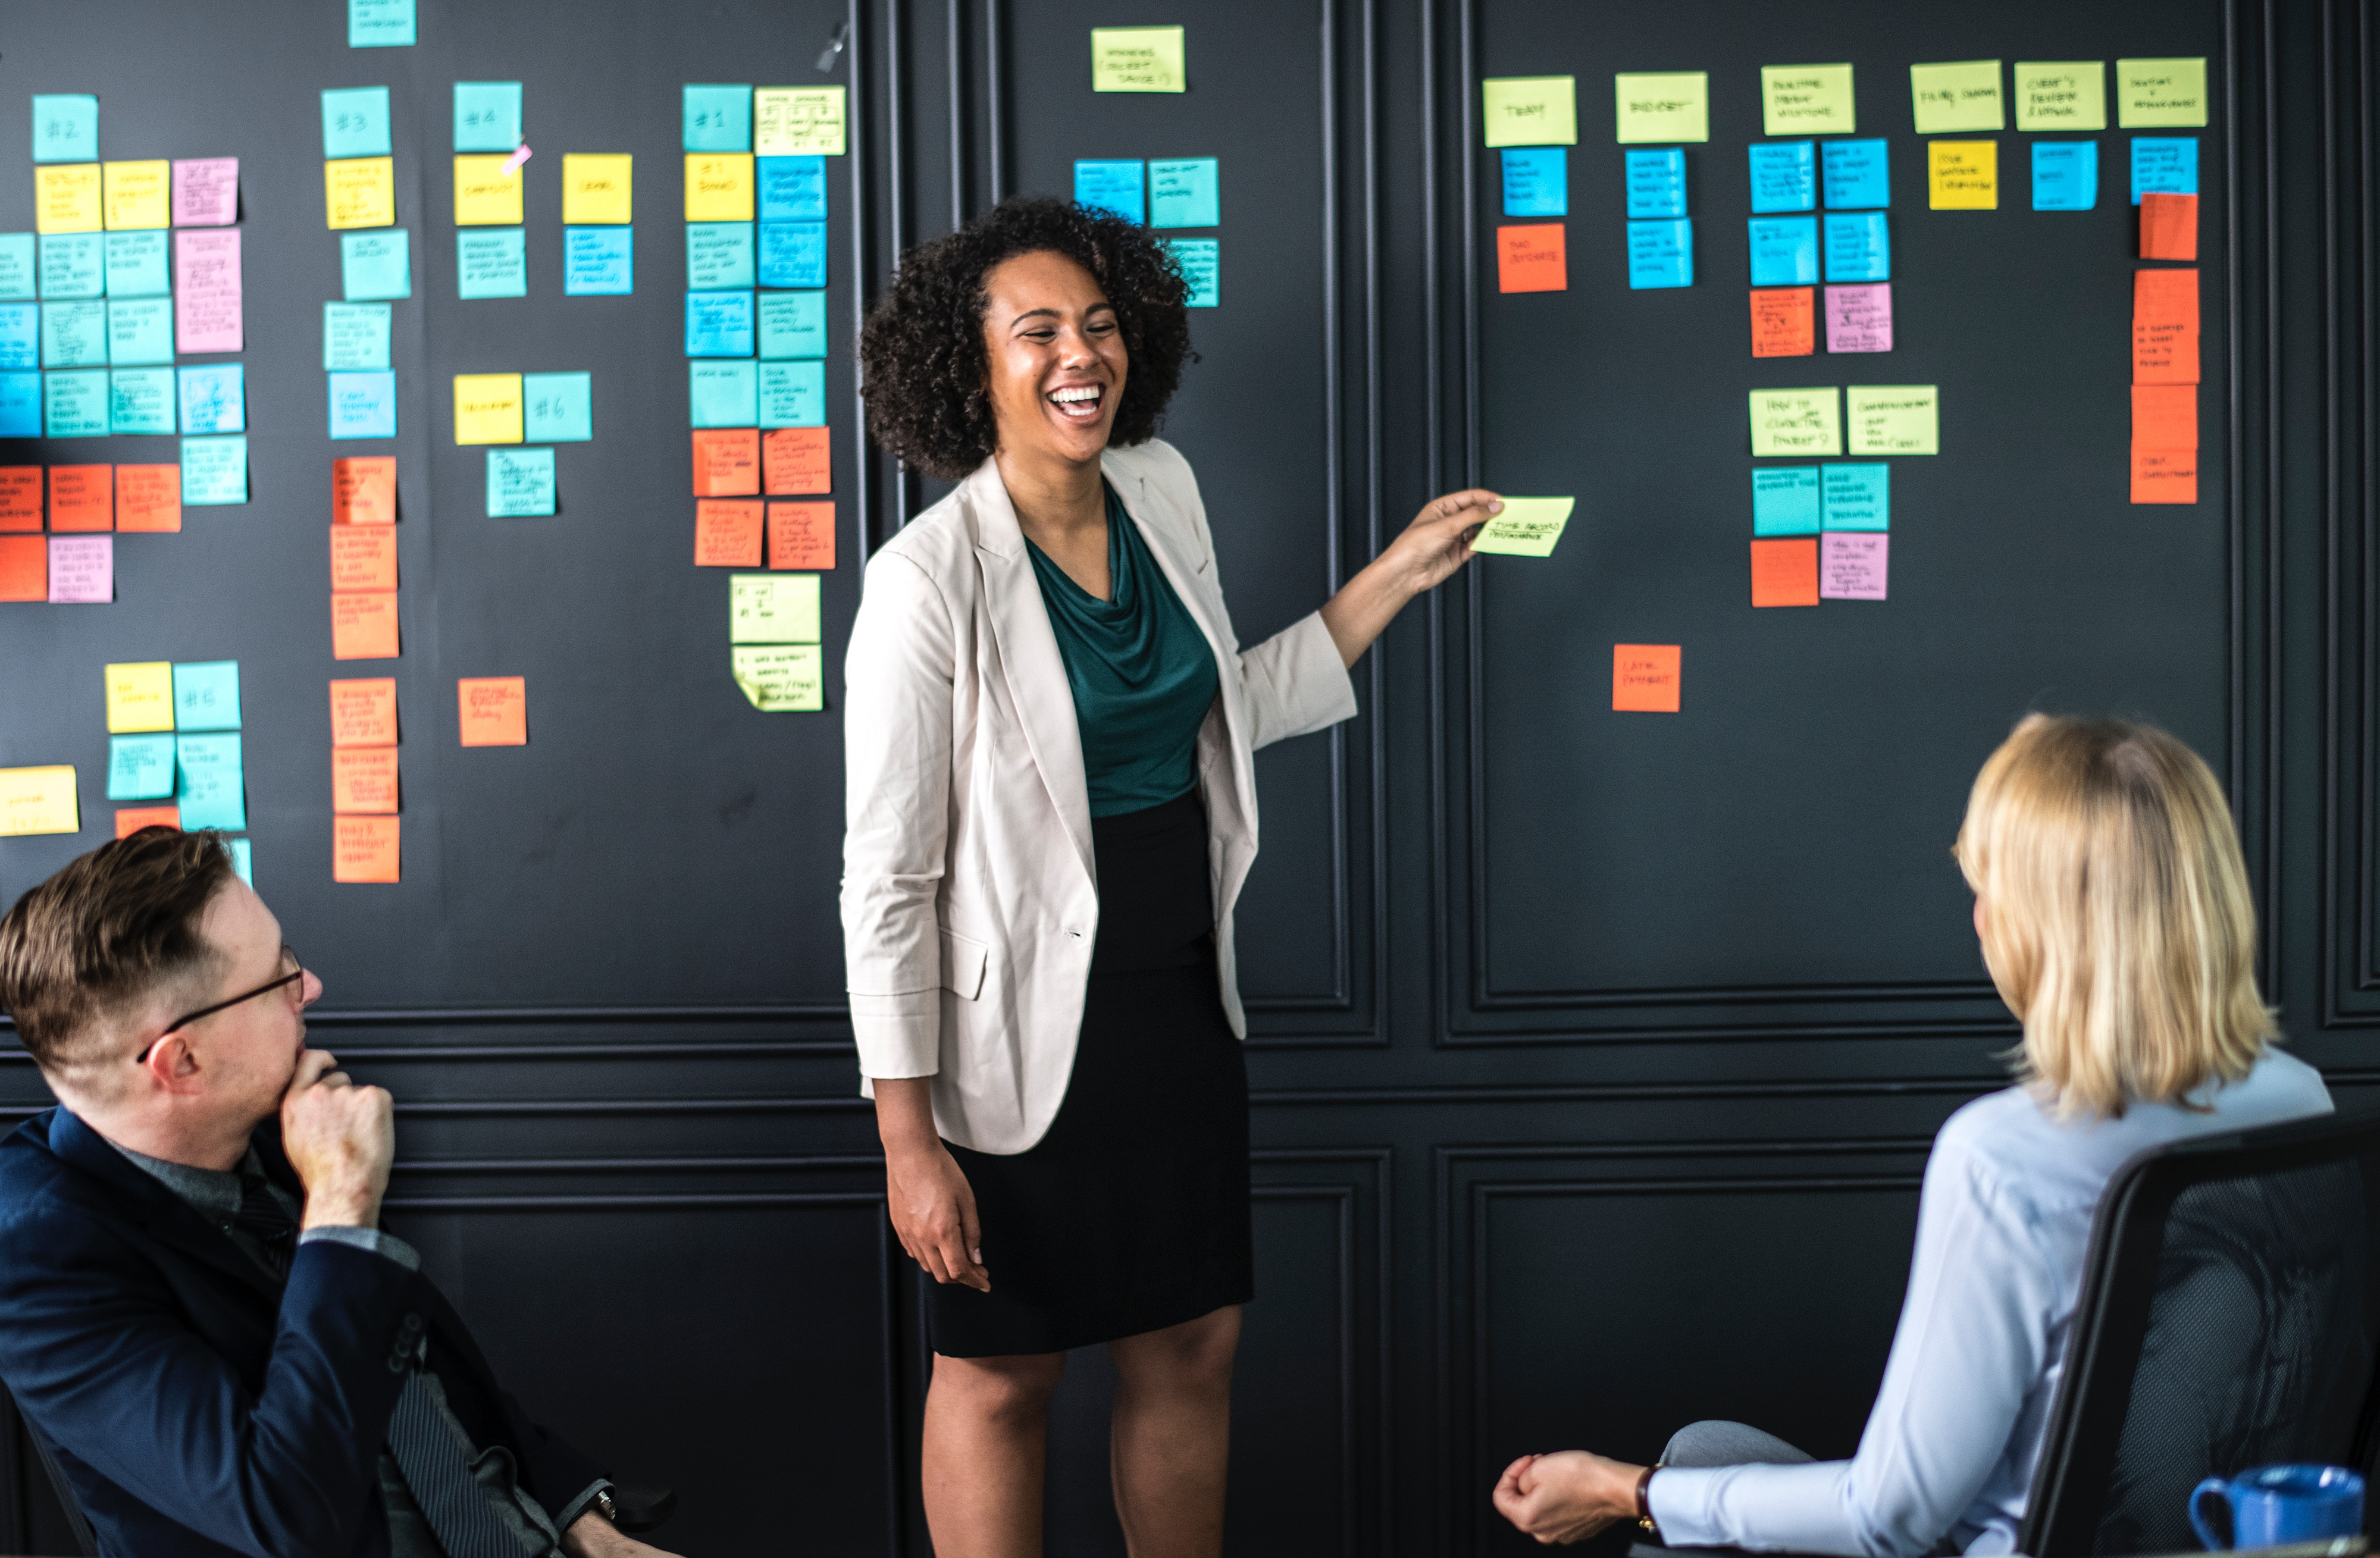 Comment optimiser les ressources au sein d'une entreprise_